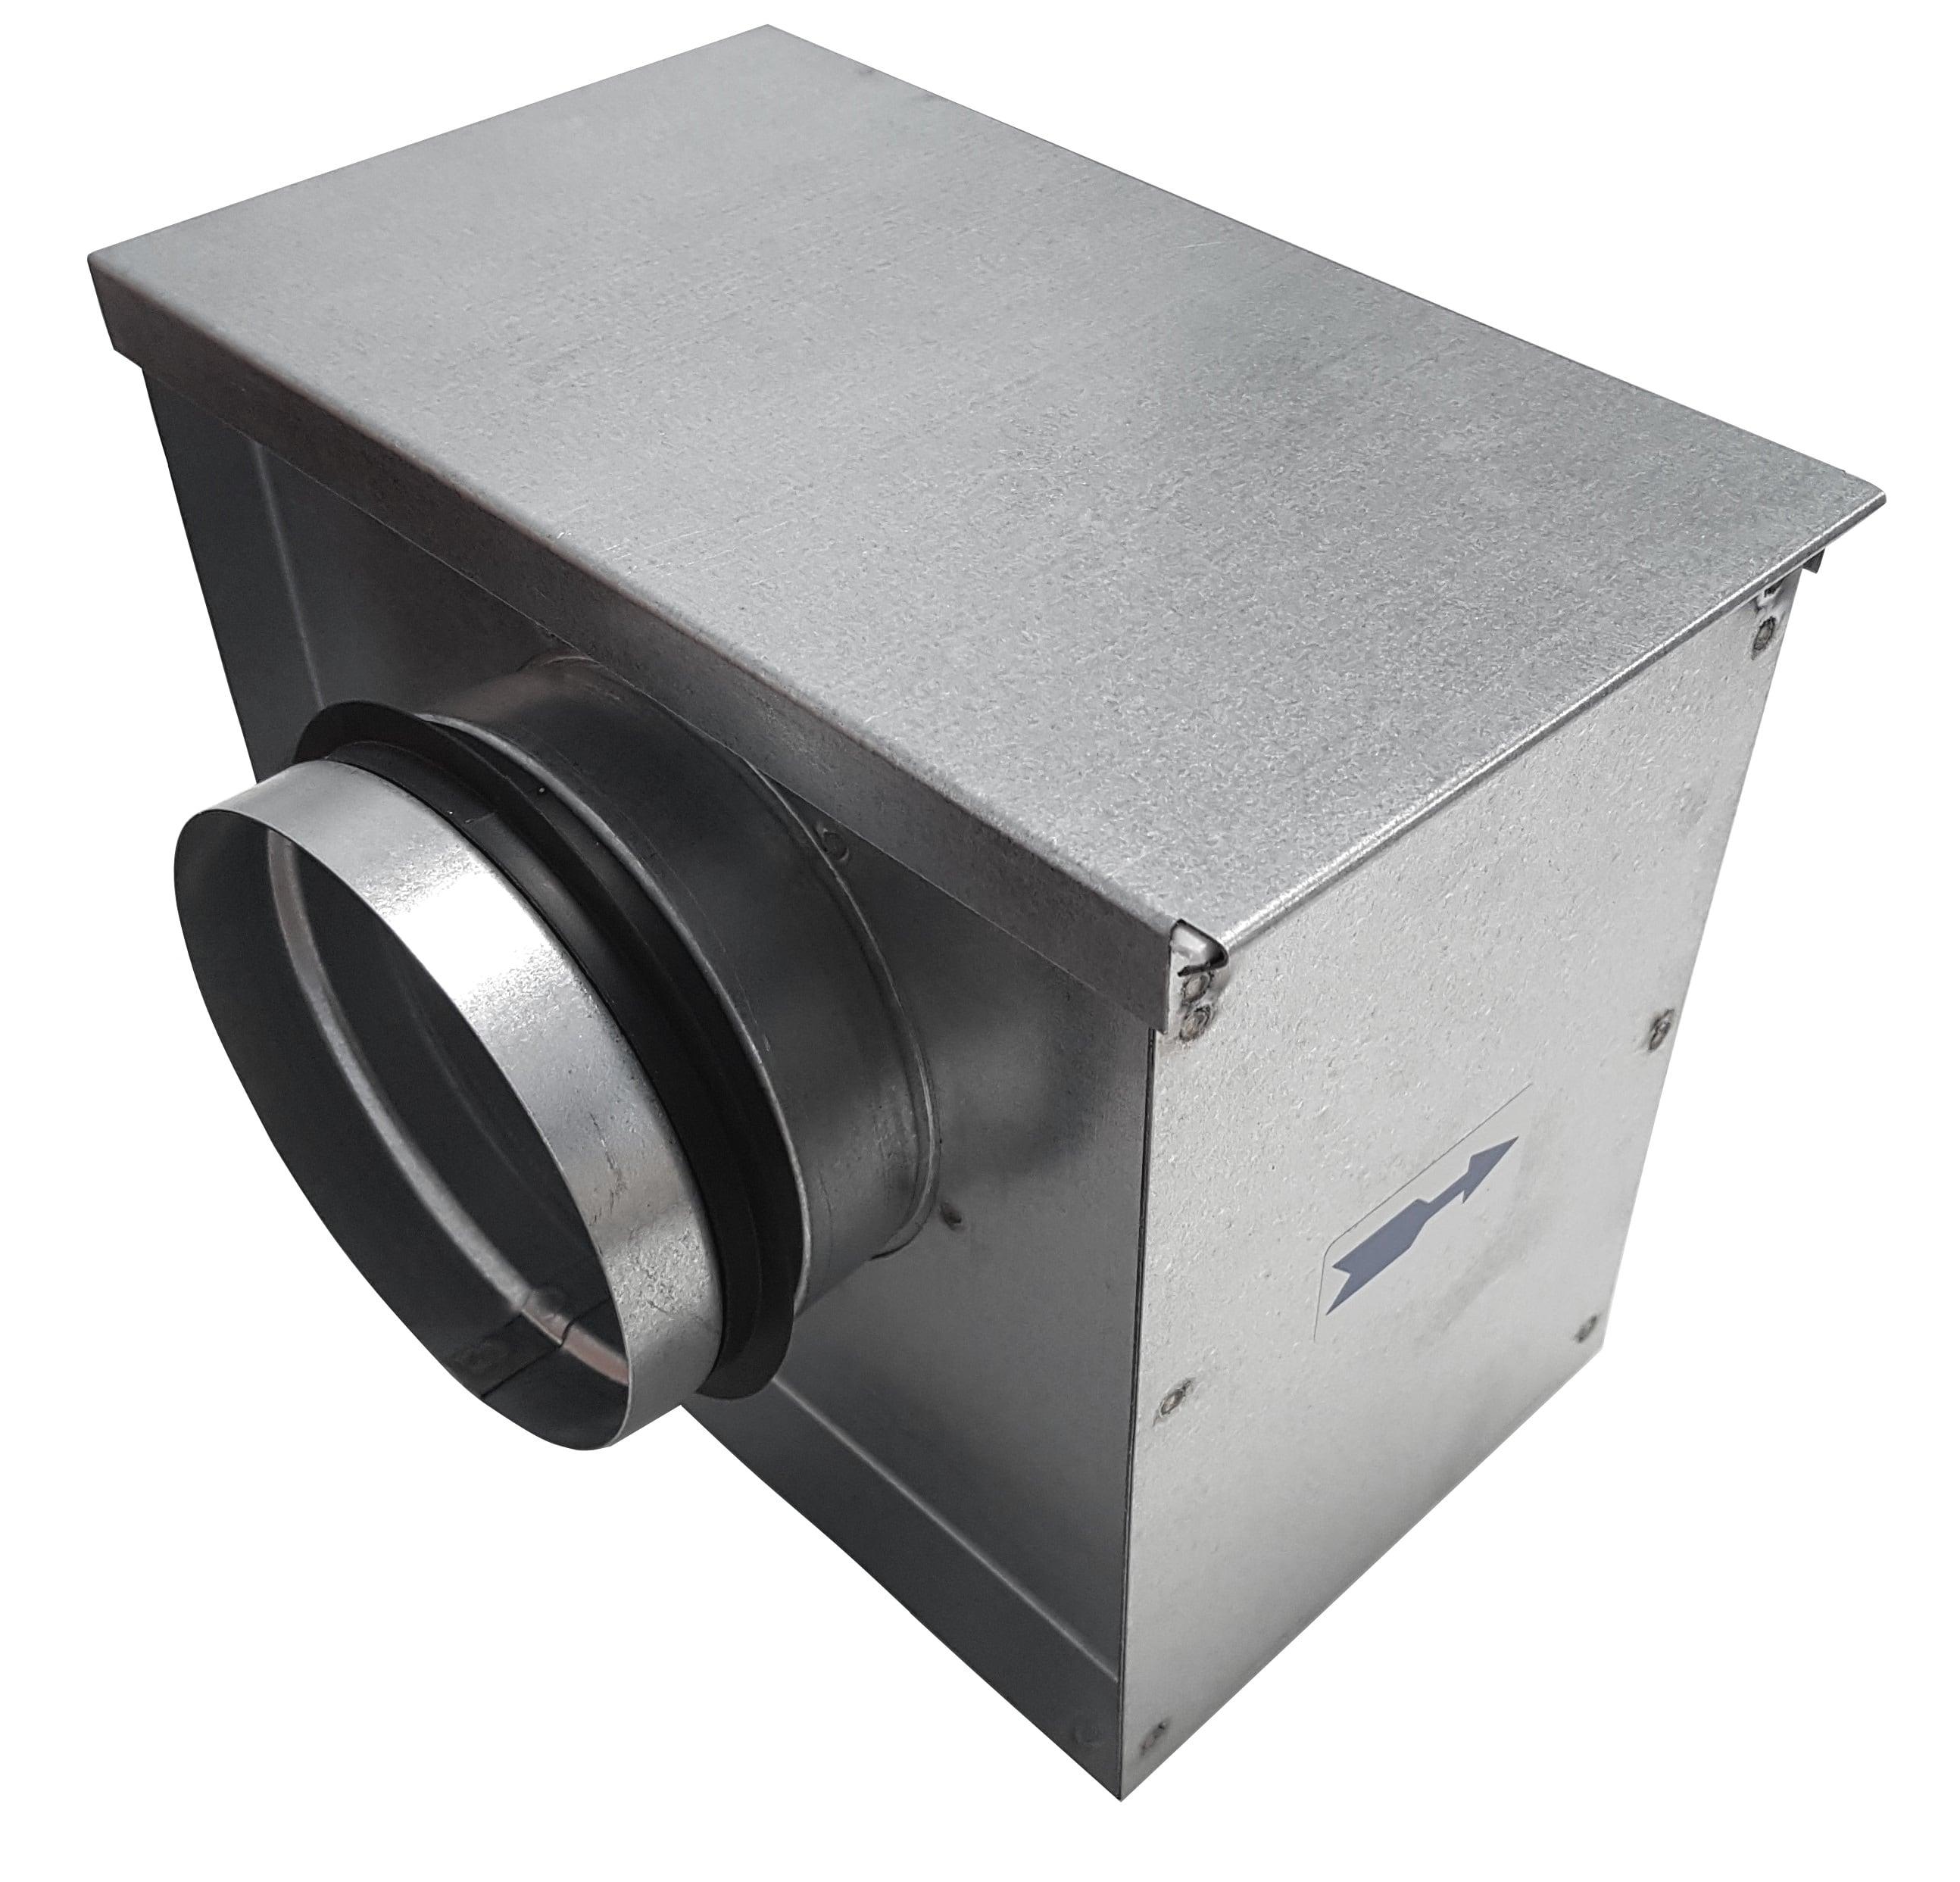 Luftfilter-Box inkl G4 Filter für Zuluft